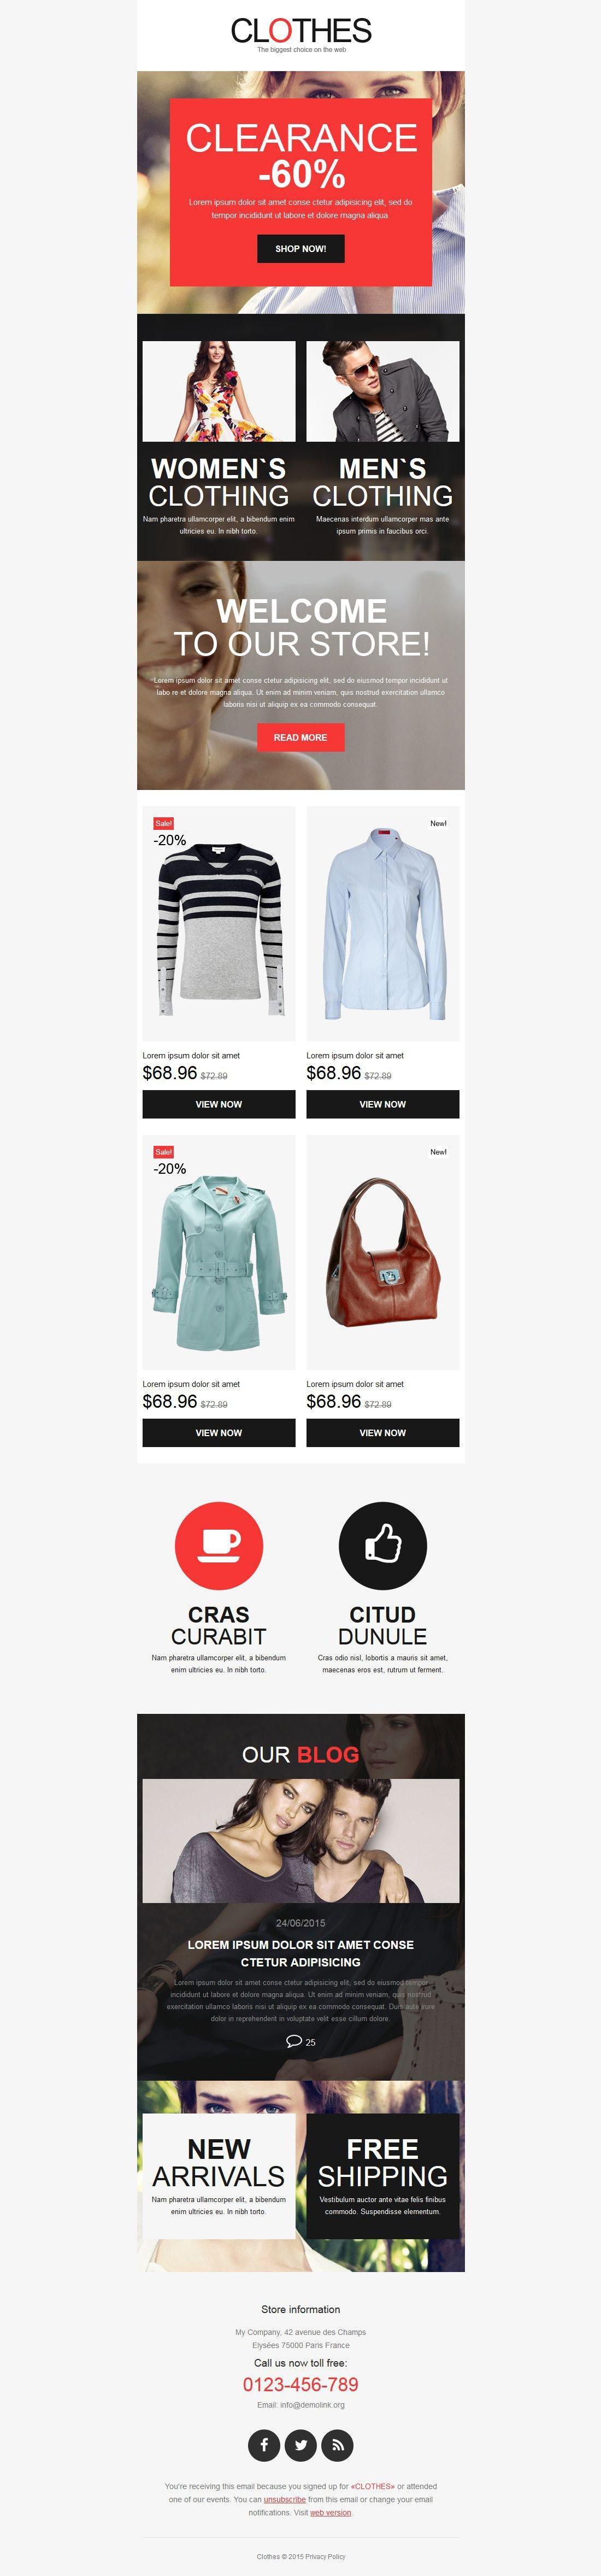 Modello di Newsletter Responsive #53852 per Un Sito di Abbigliamento